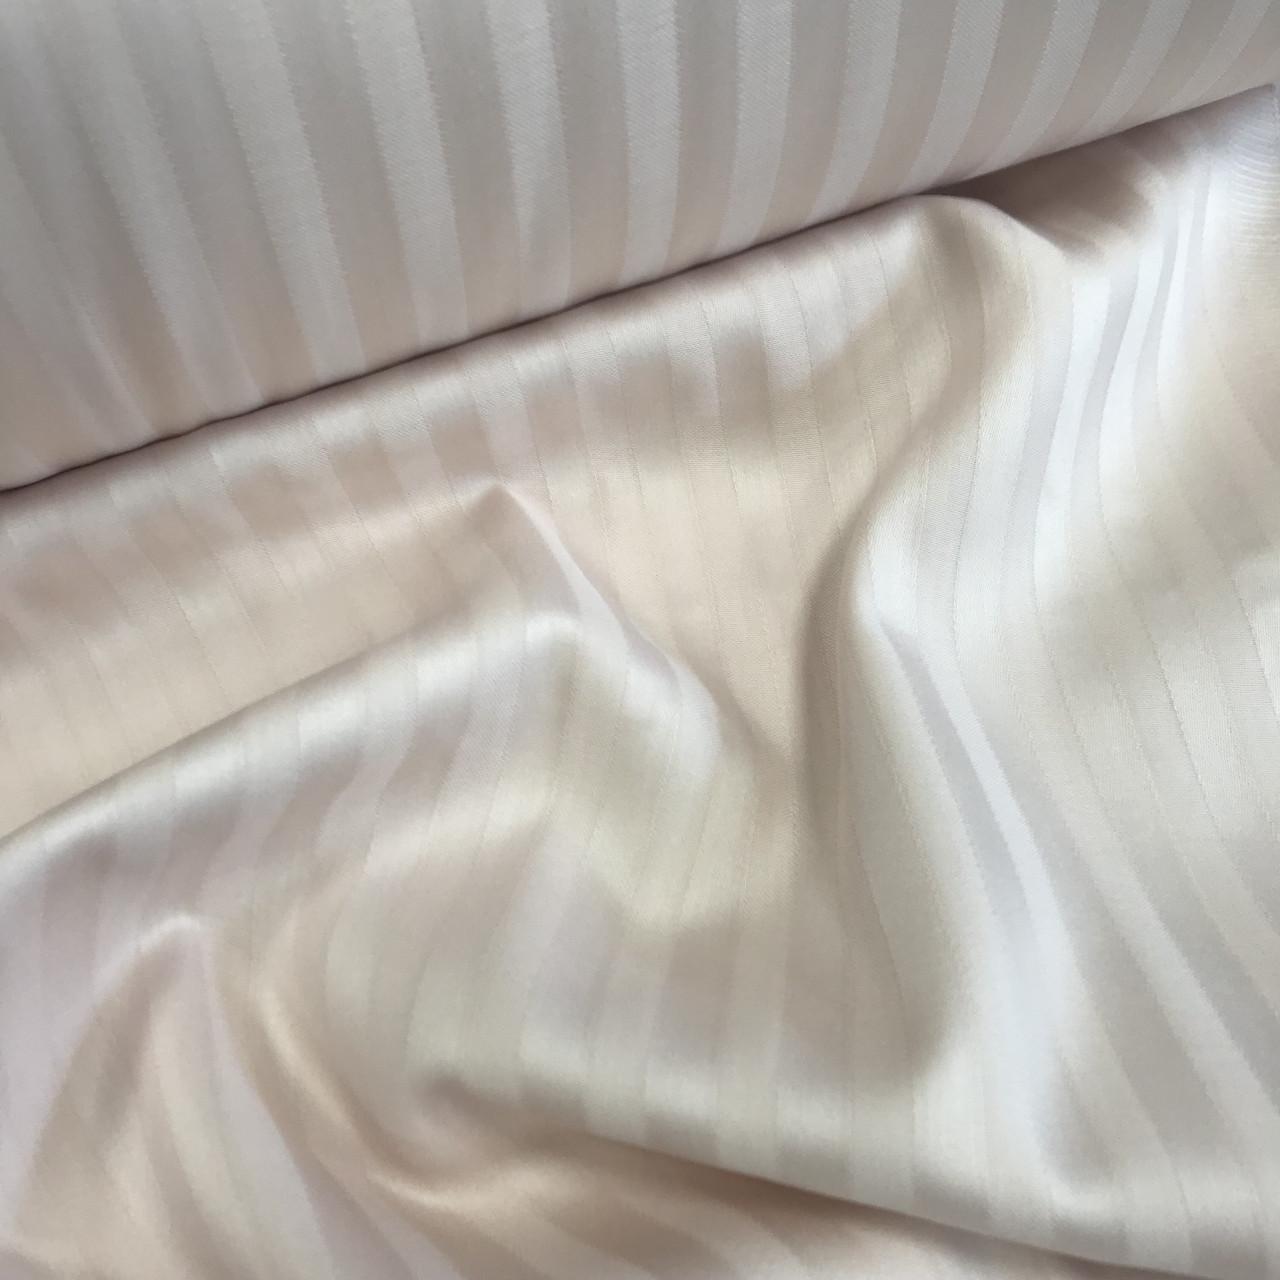 Сатин 100% хлопок  (ТУРЦИЯ шир. 2,4 м) Stripes слоновая кость ОТРЕЗ (0,9*0,95 м)